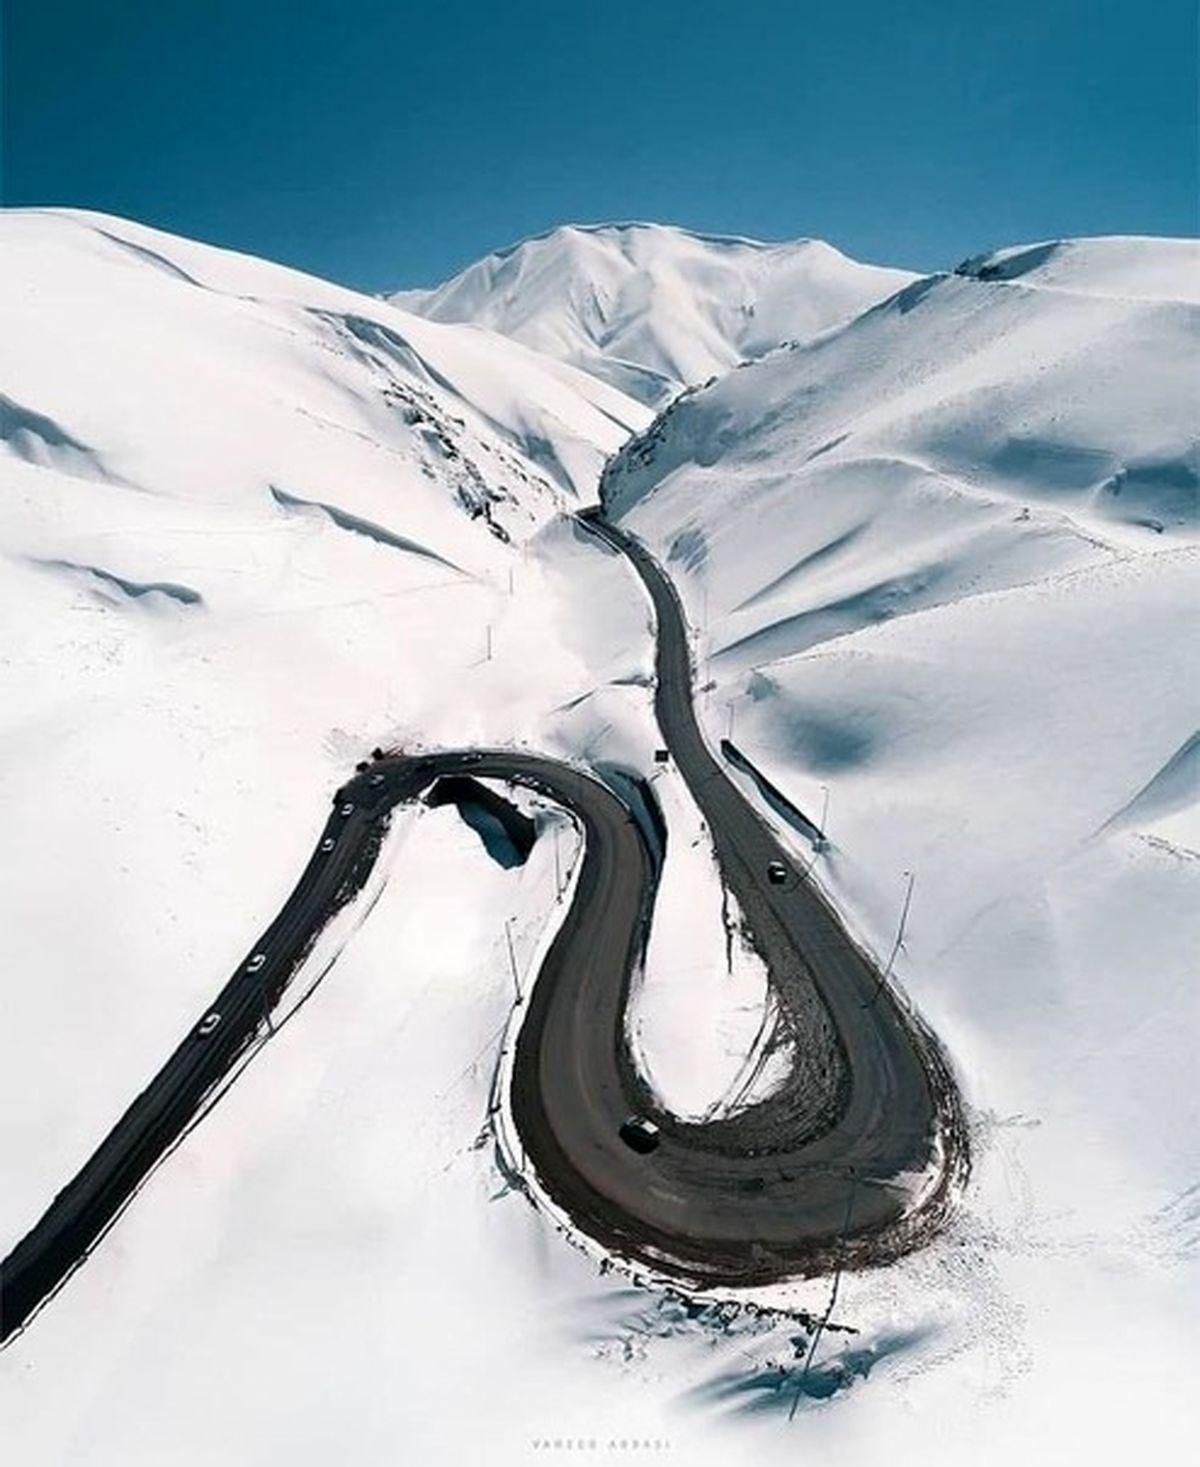 جاده چالوس در یک روز برفی +عکس